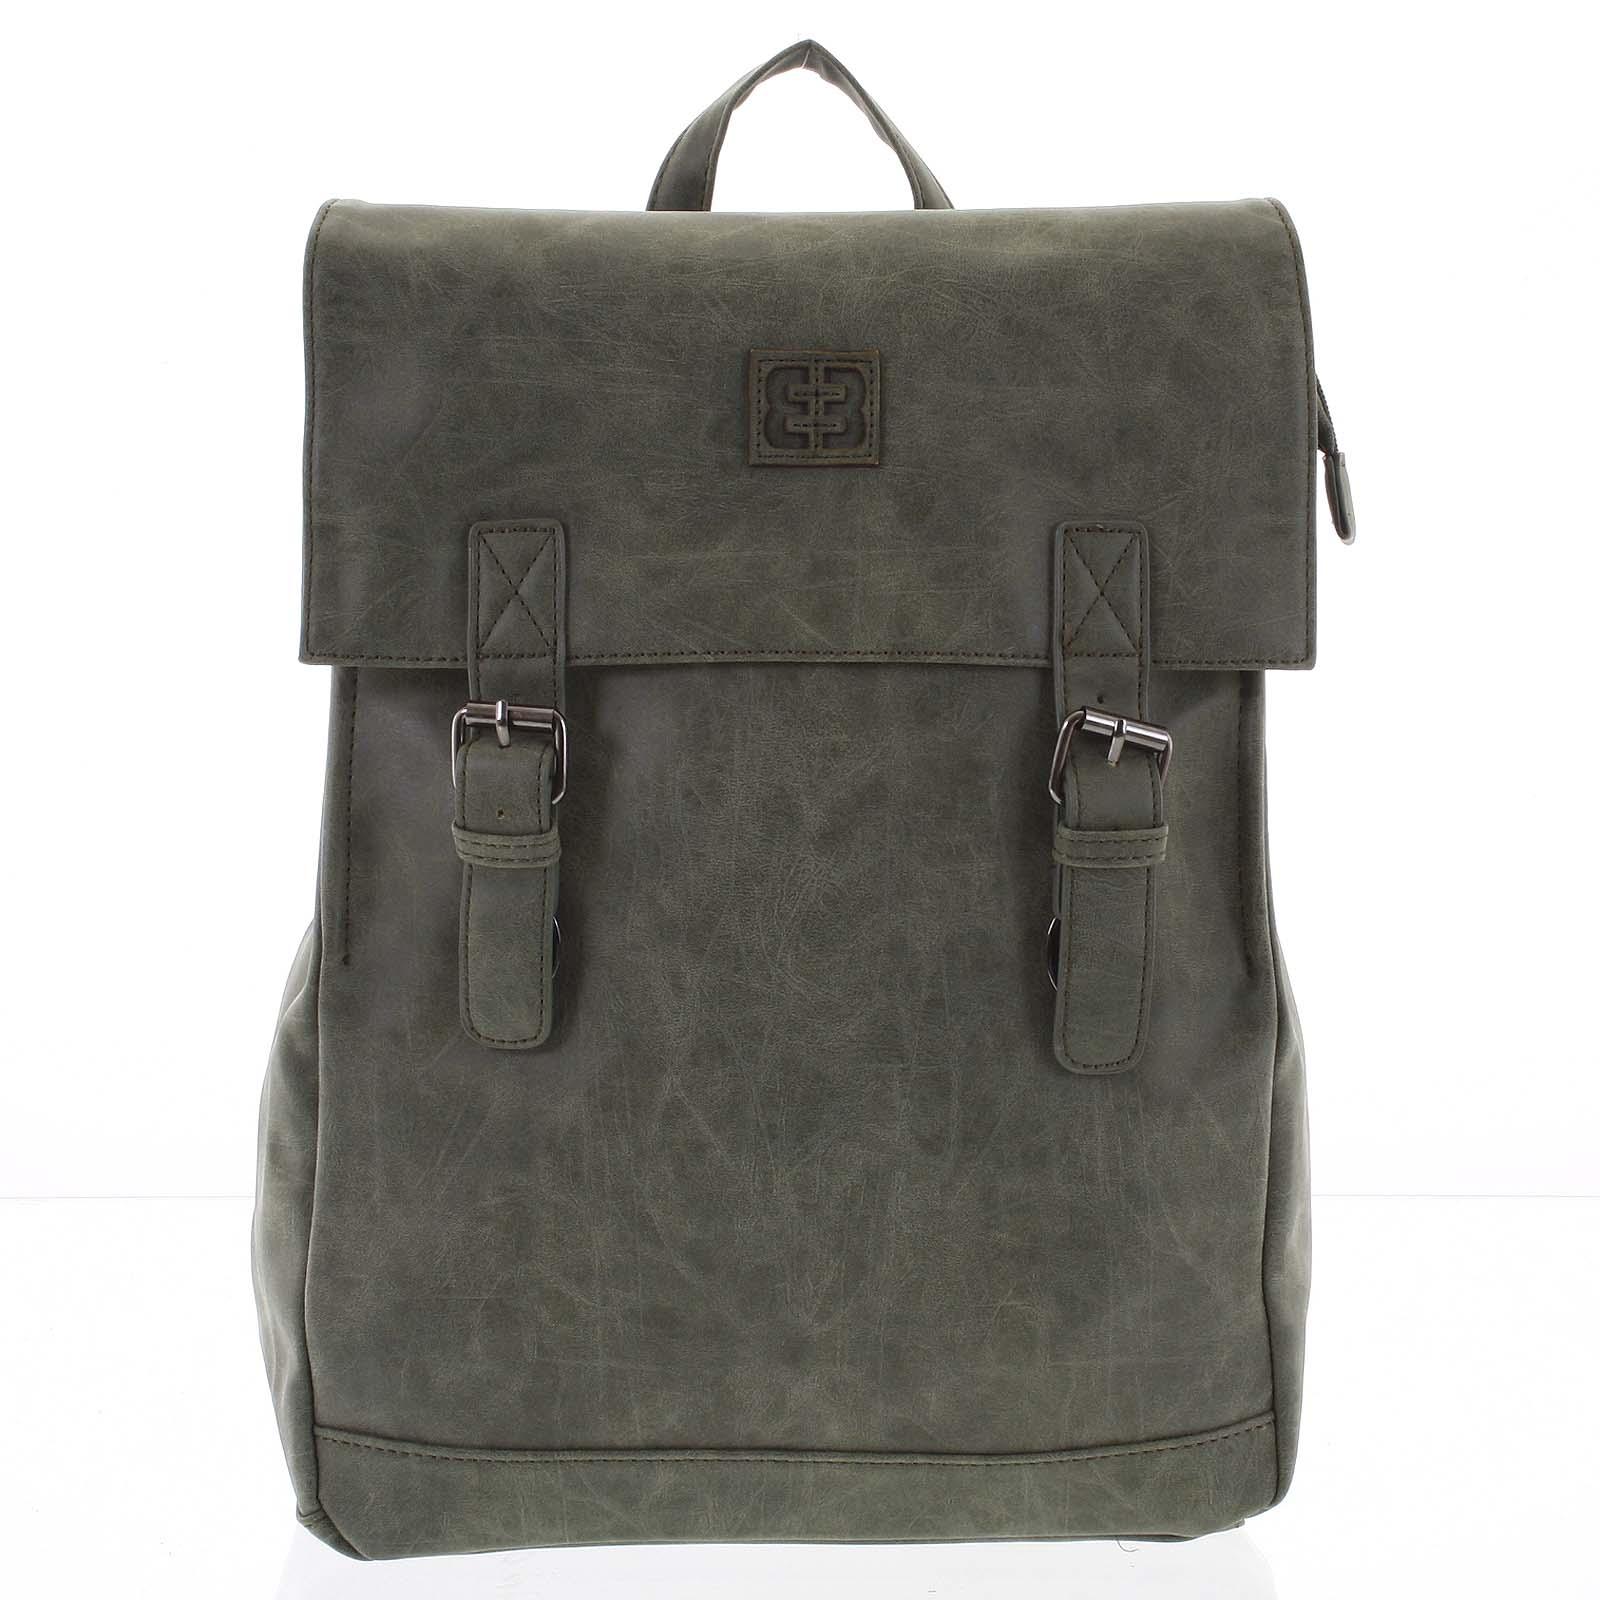 Módní stylový batoh olivově zelený - Enrico Benetti Travers